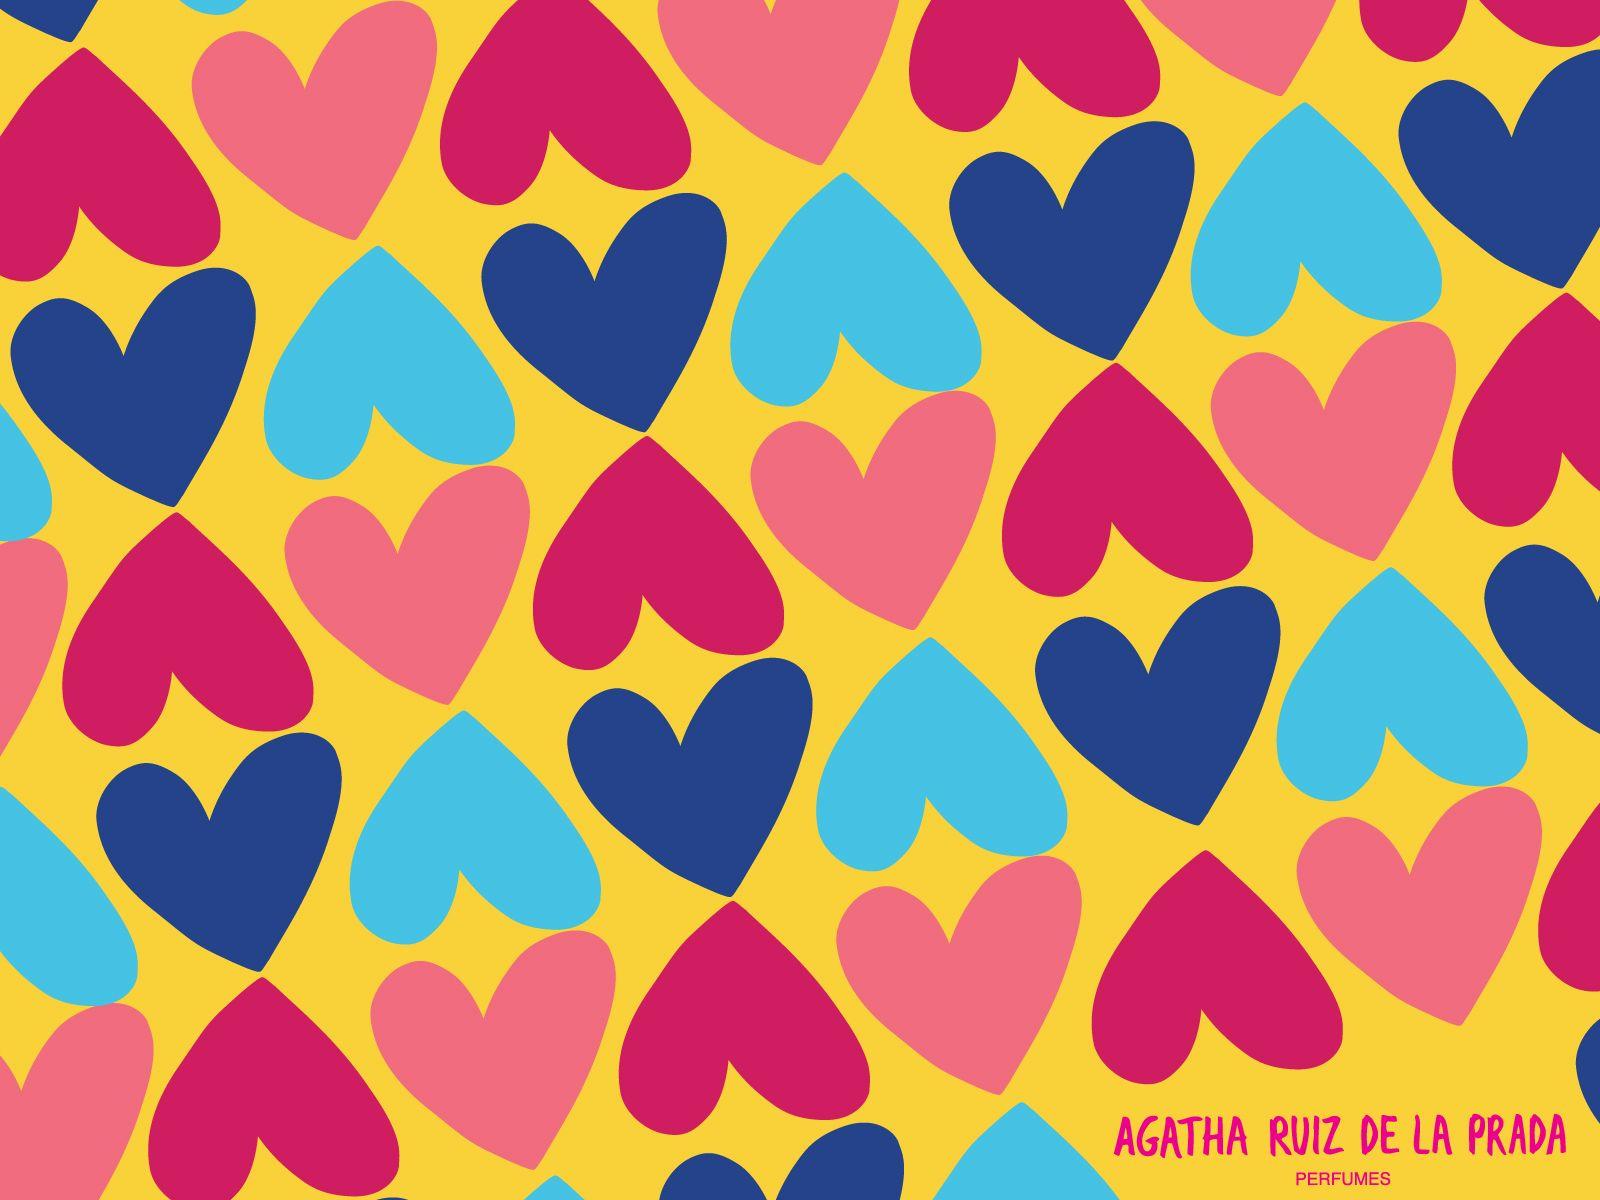 Agatha Ruiz De La Prada Wallpaper Fondos De Pantalla De Iphone Ilustraciones Disenos De Unas